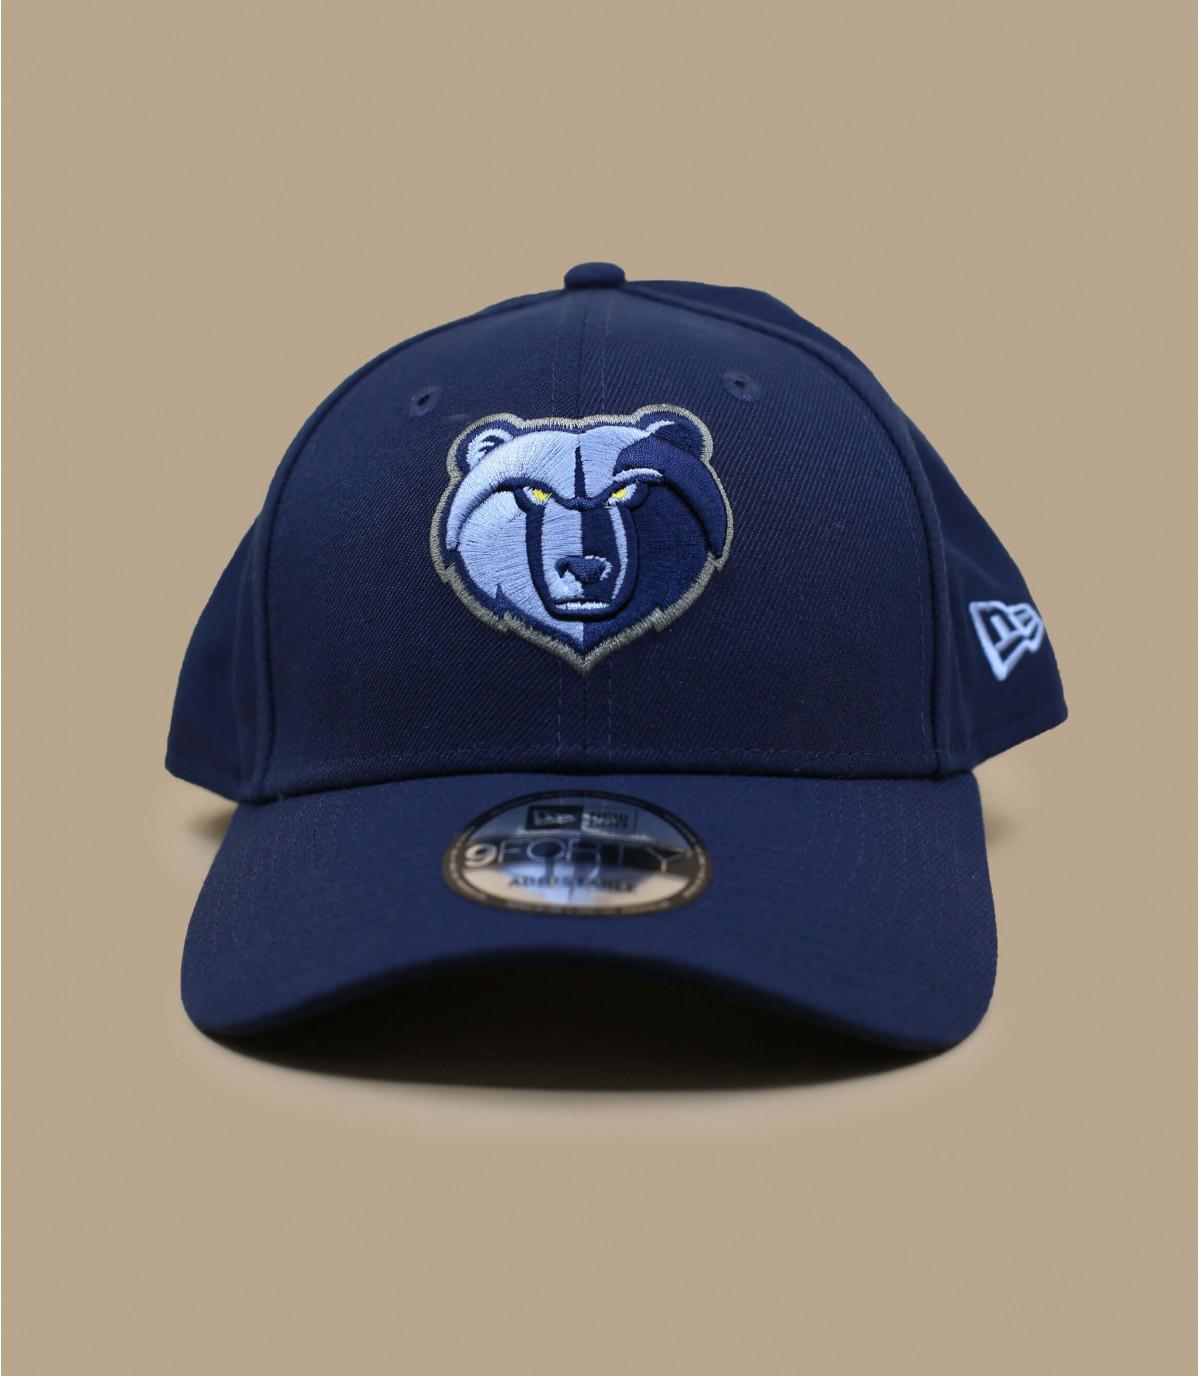 blu navy Grizzlies cap